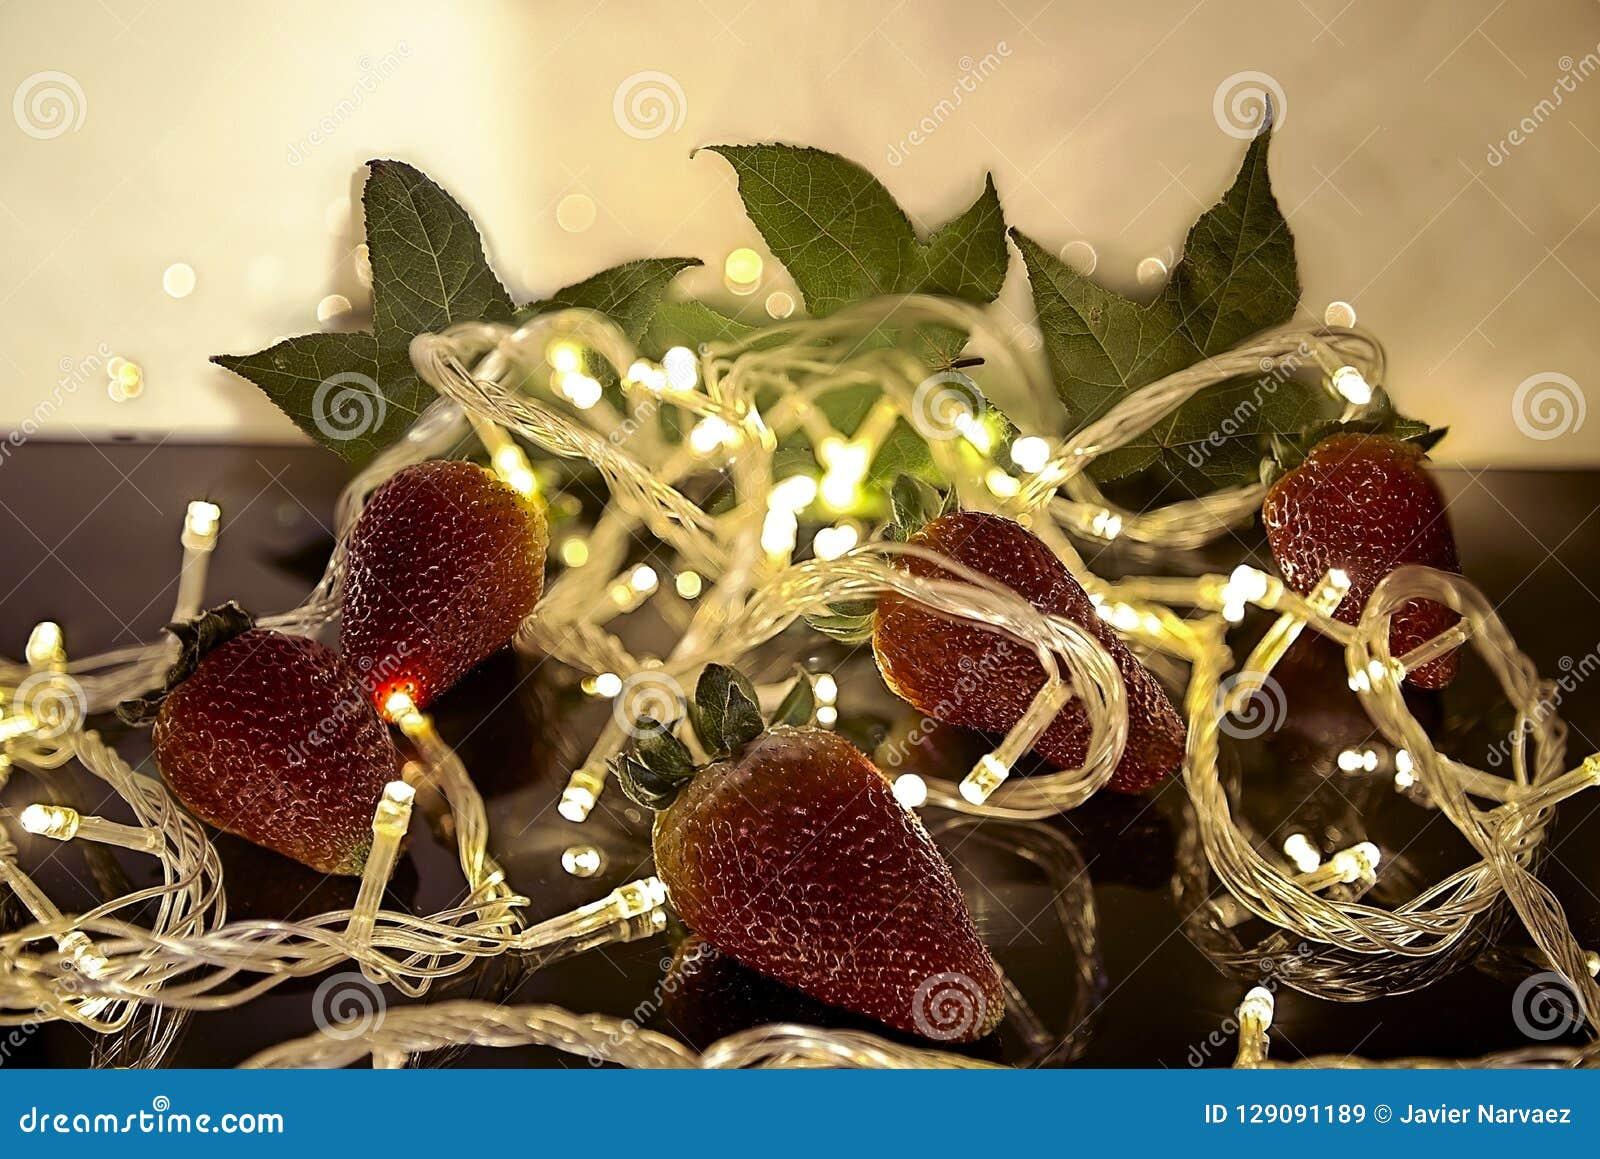 在圣诞灯中间的草莓